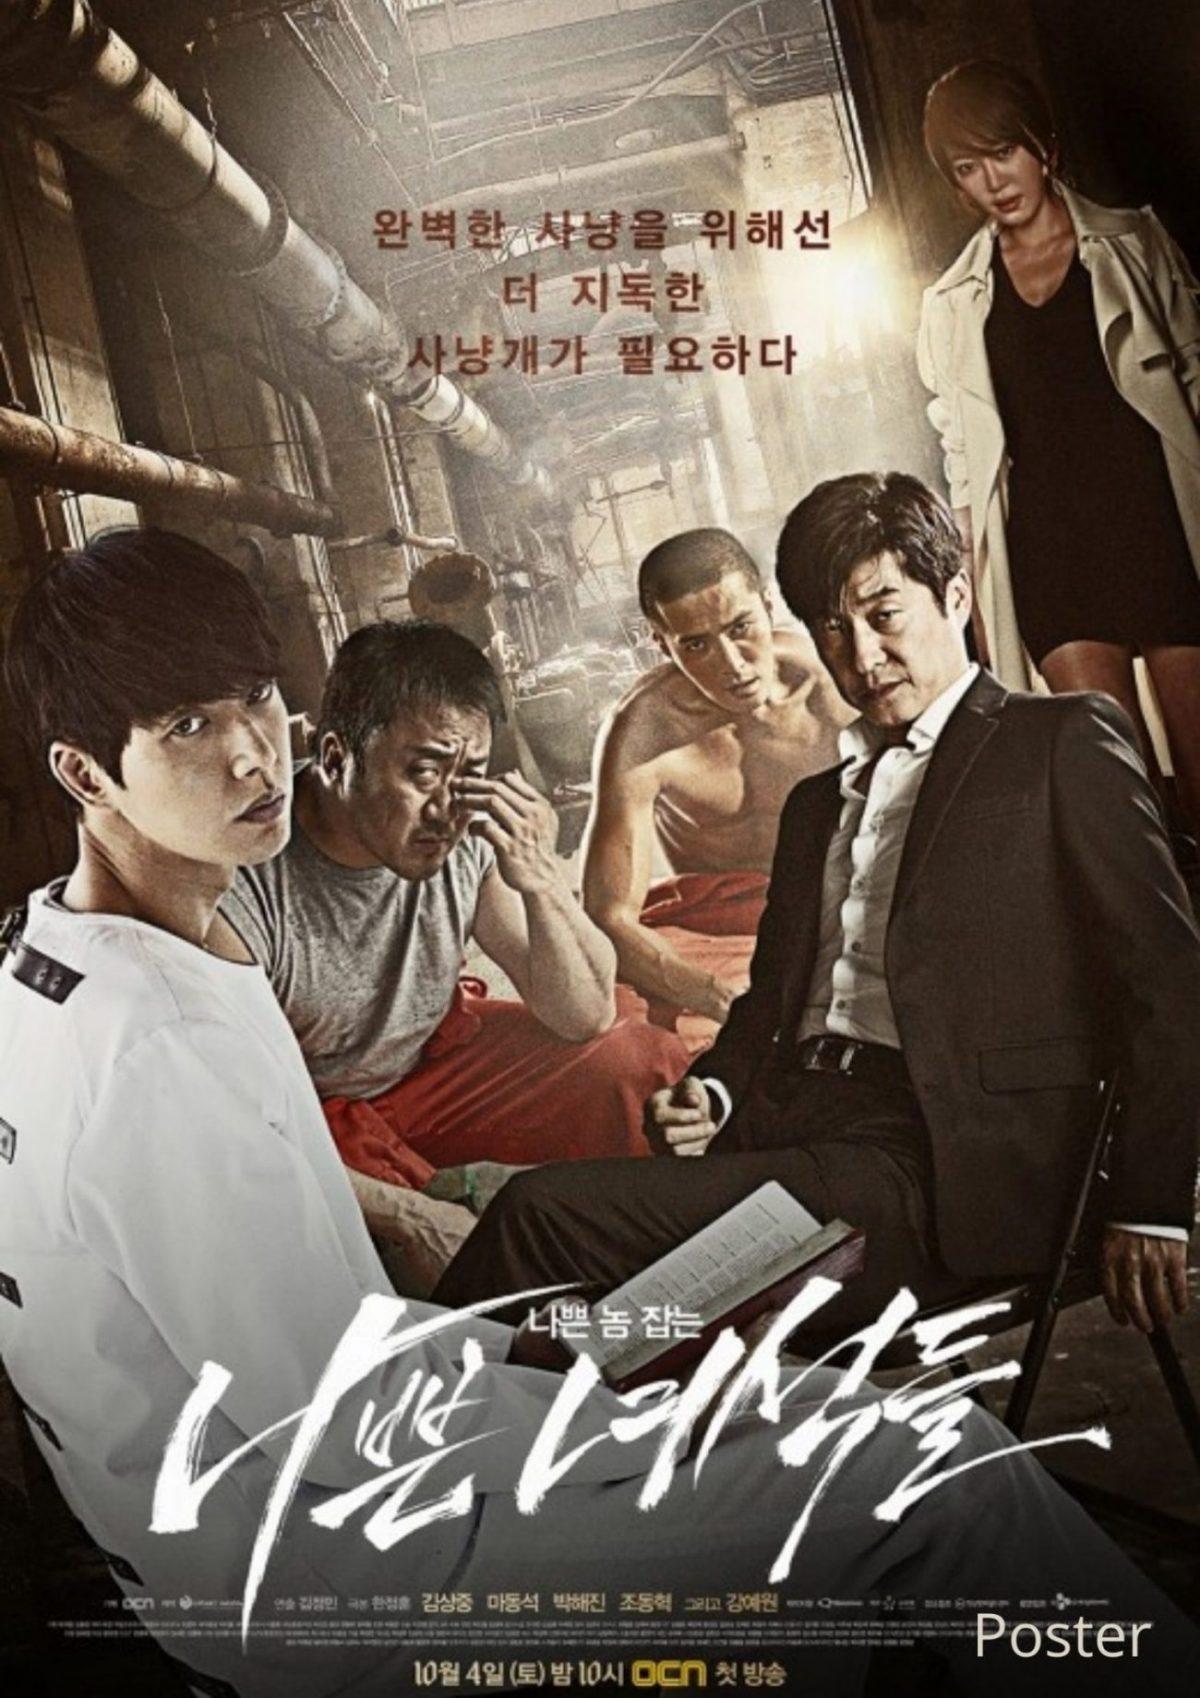 How To Watch OCN's Bad Guys 2014 Korean Drama